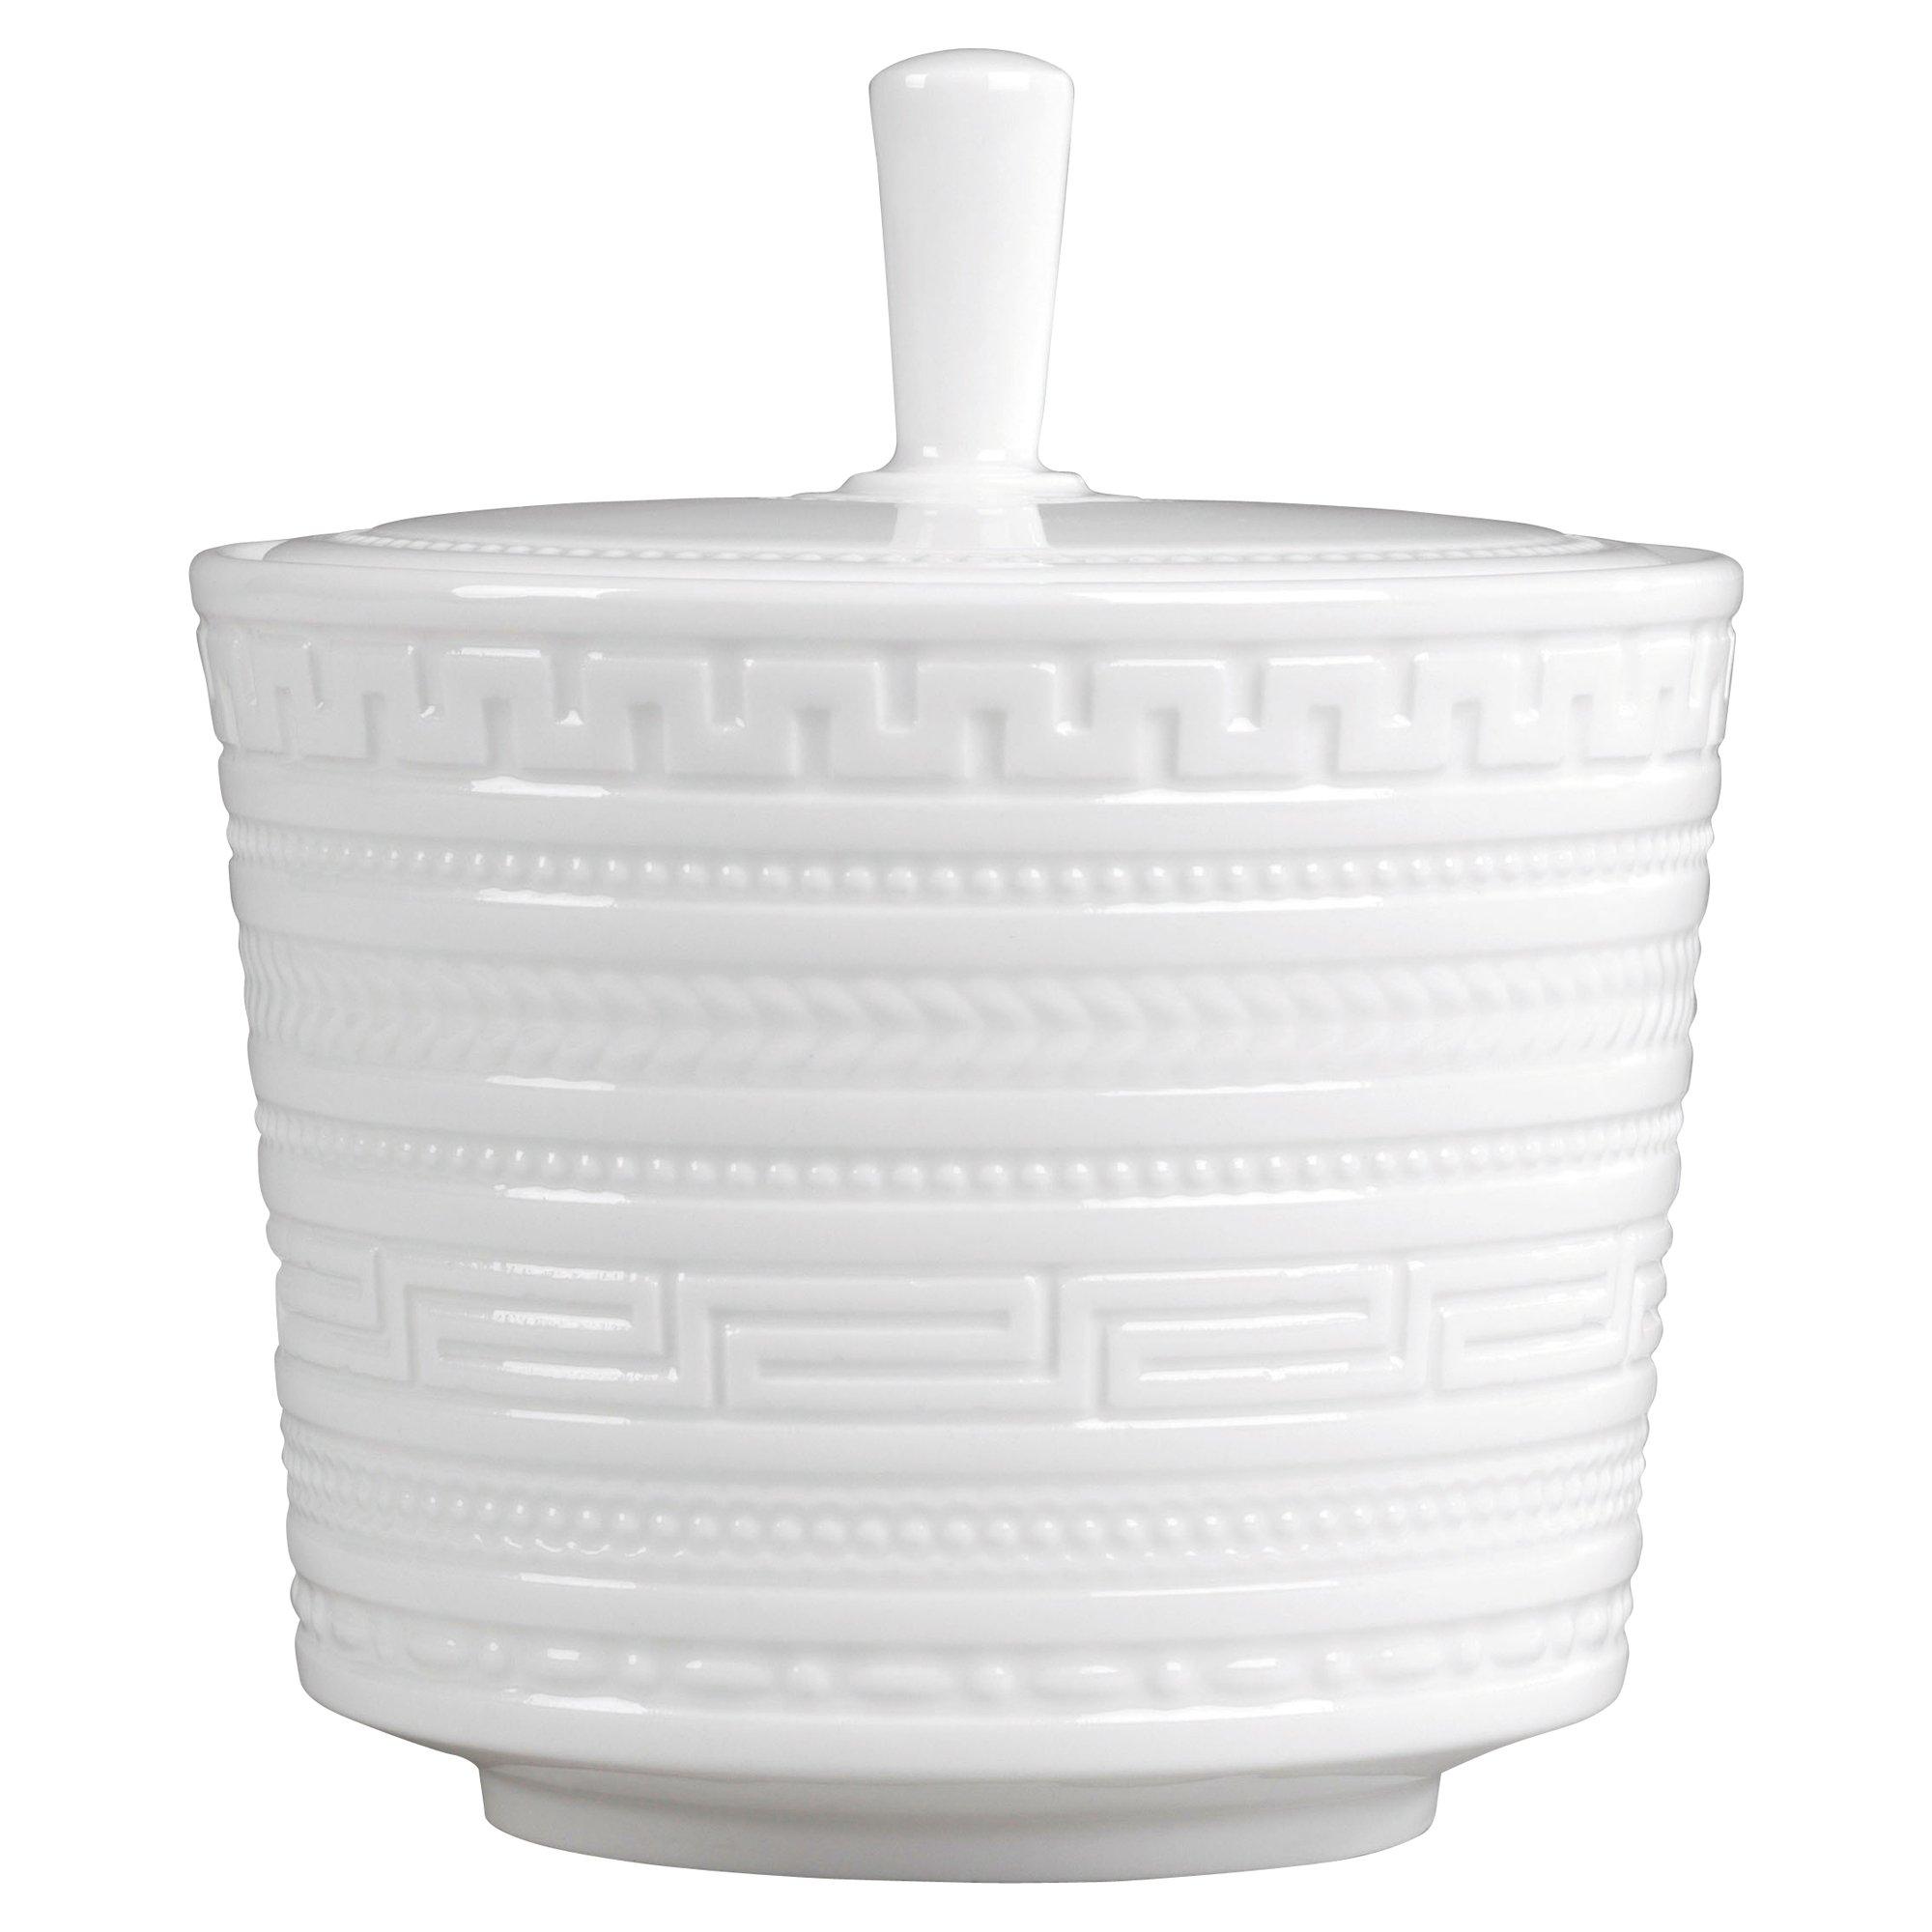 Wedgwood Intaglio 8-Ounce Sugar Bowl